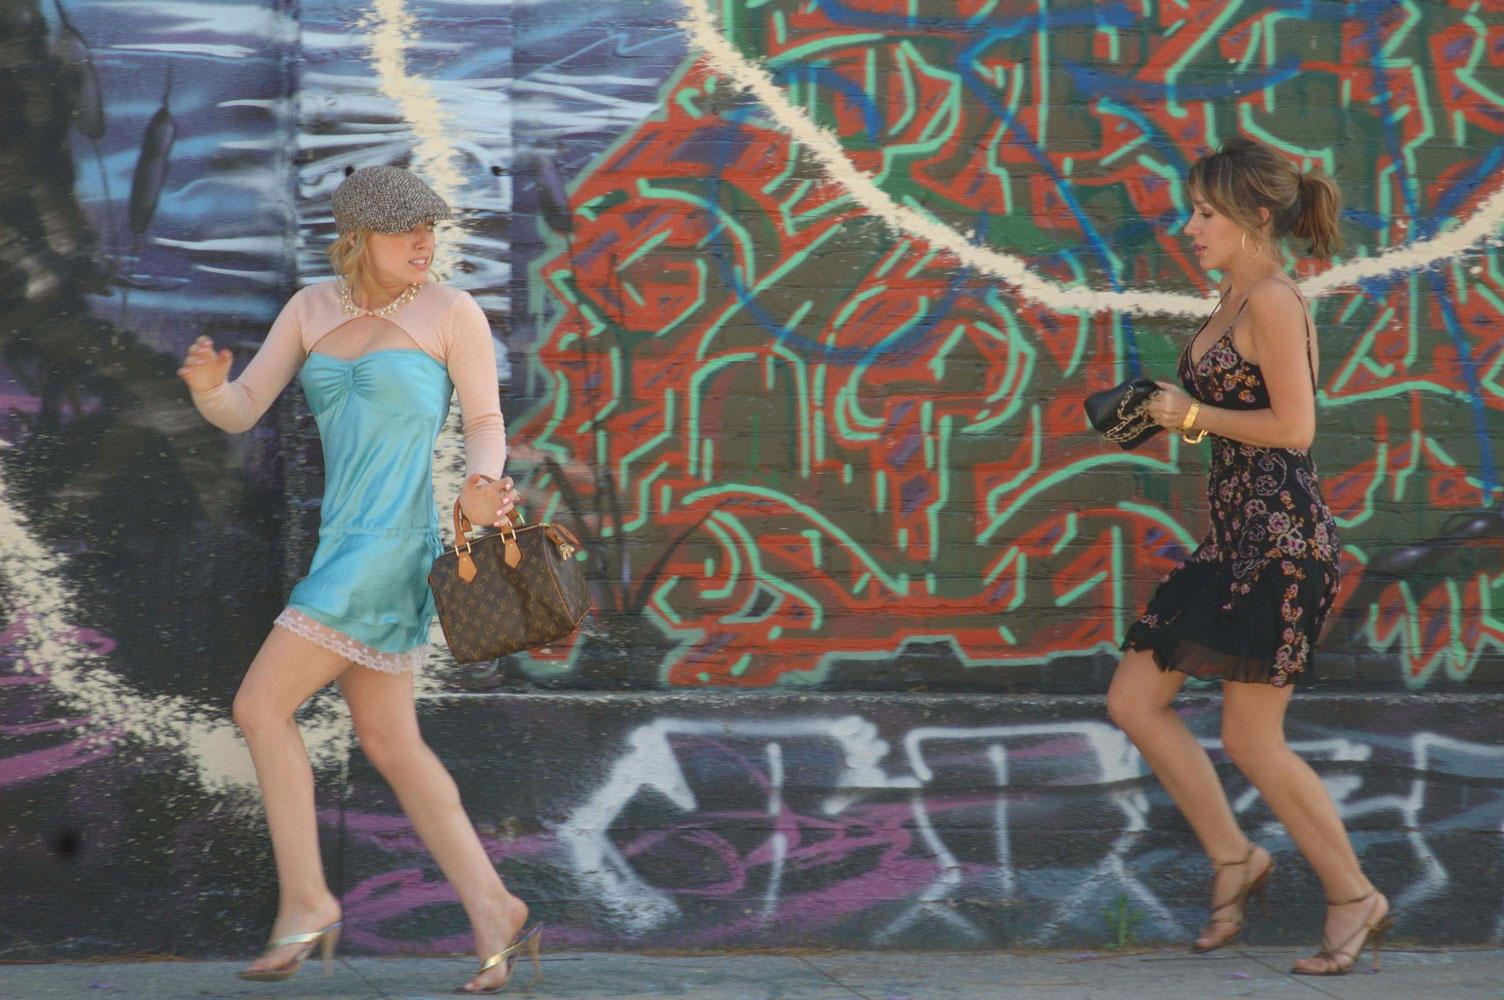 Смотреть фильм Реальные девчонки онлайн бесплатно.